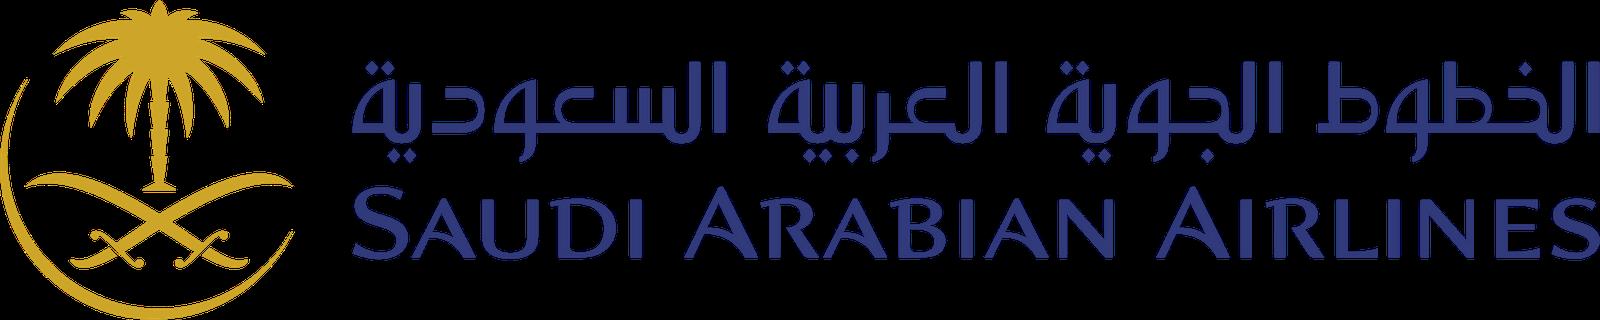 Risultato immagine per saudi arabian airlines logo